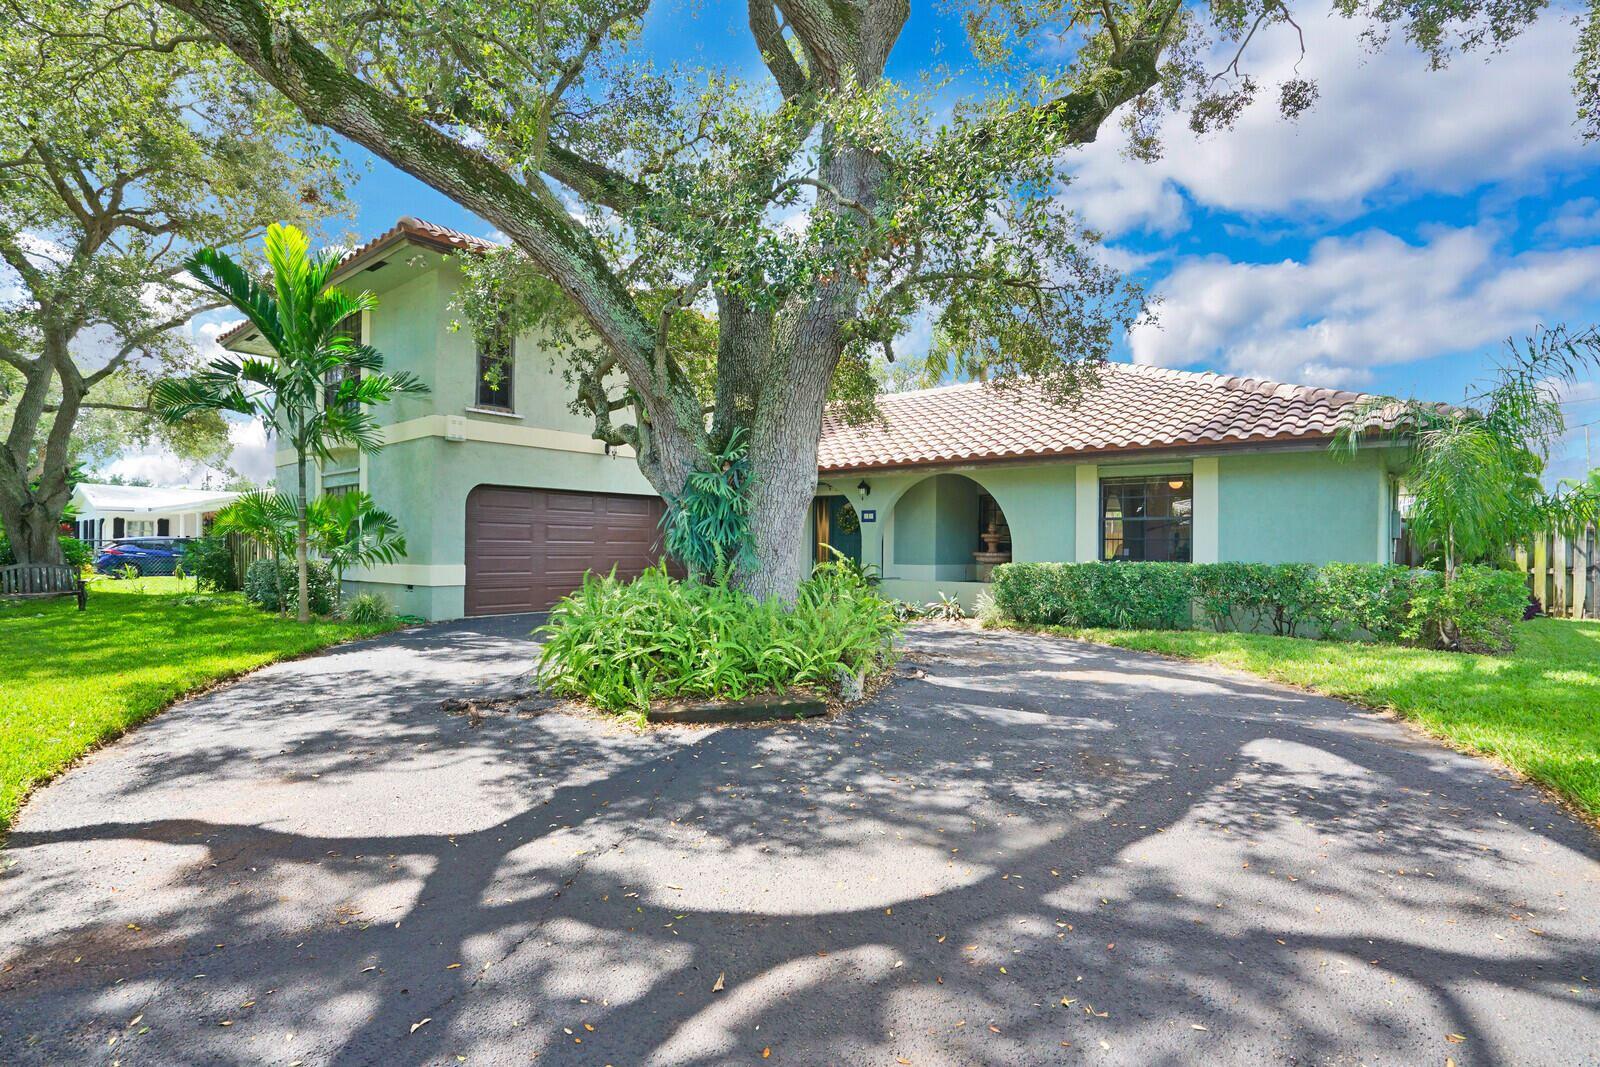 39 SW 10th Avenue, Boca Raton, FL 33486 - #: RX-10747053